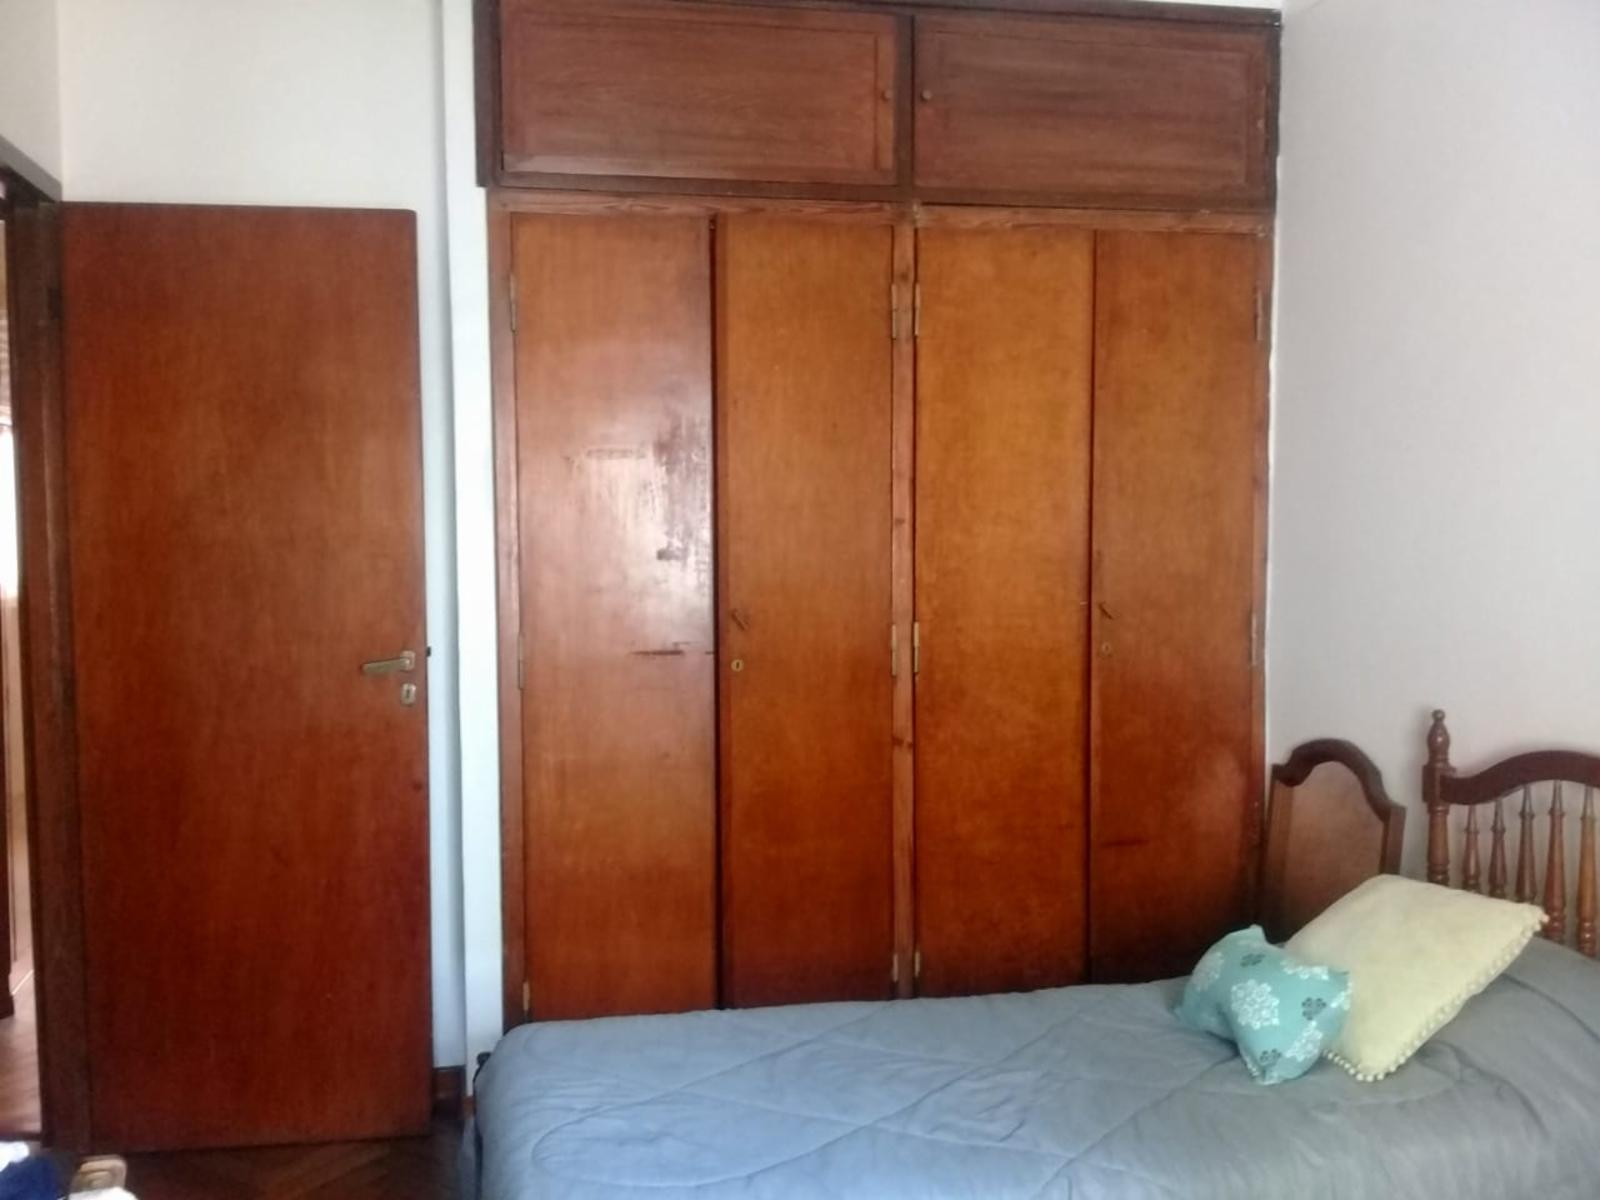 IMPECABLE departamento en Capital Federal de 3 ambientes, Guillermo Sanchez Desarrollos Inmobiliarios